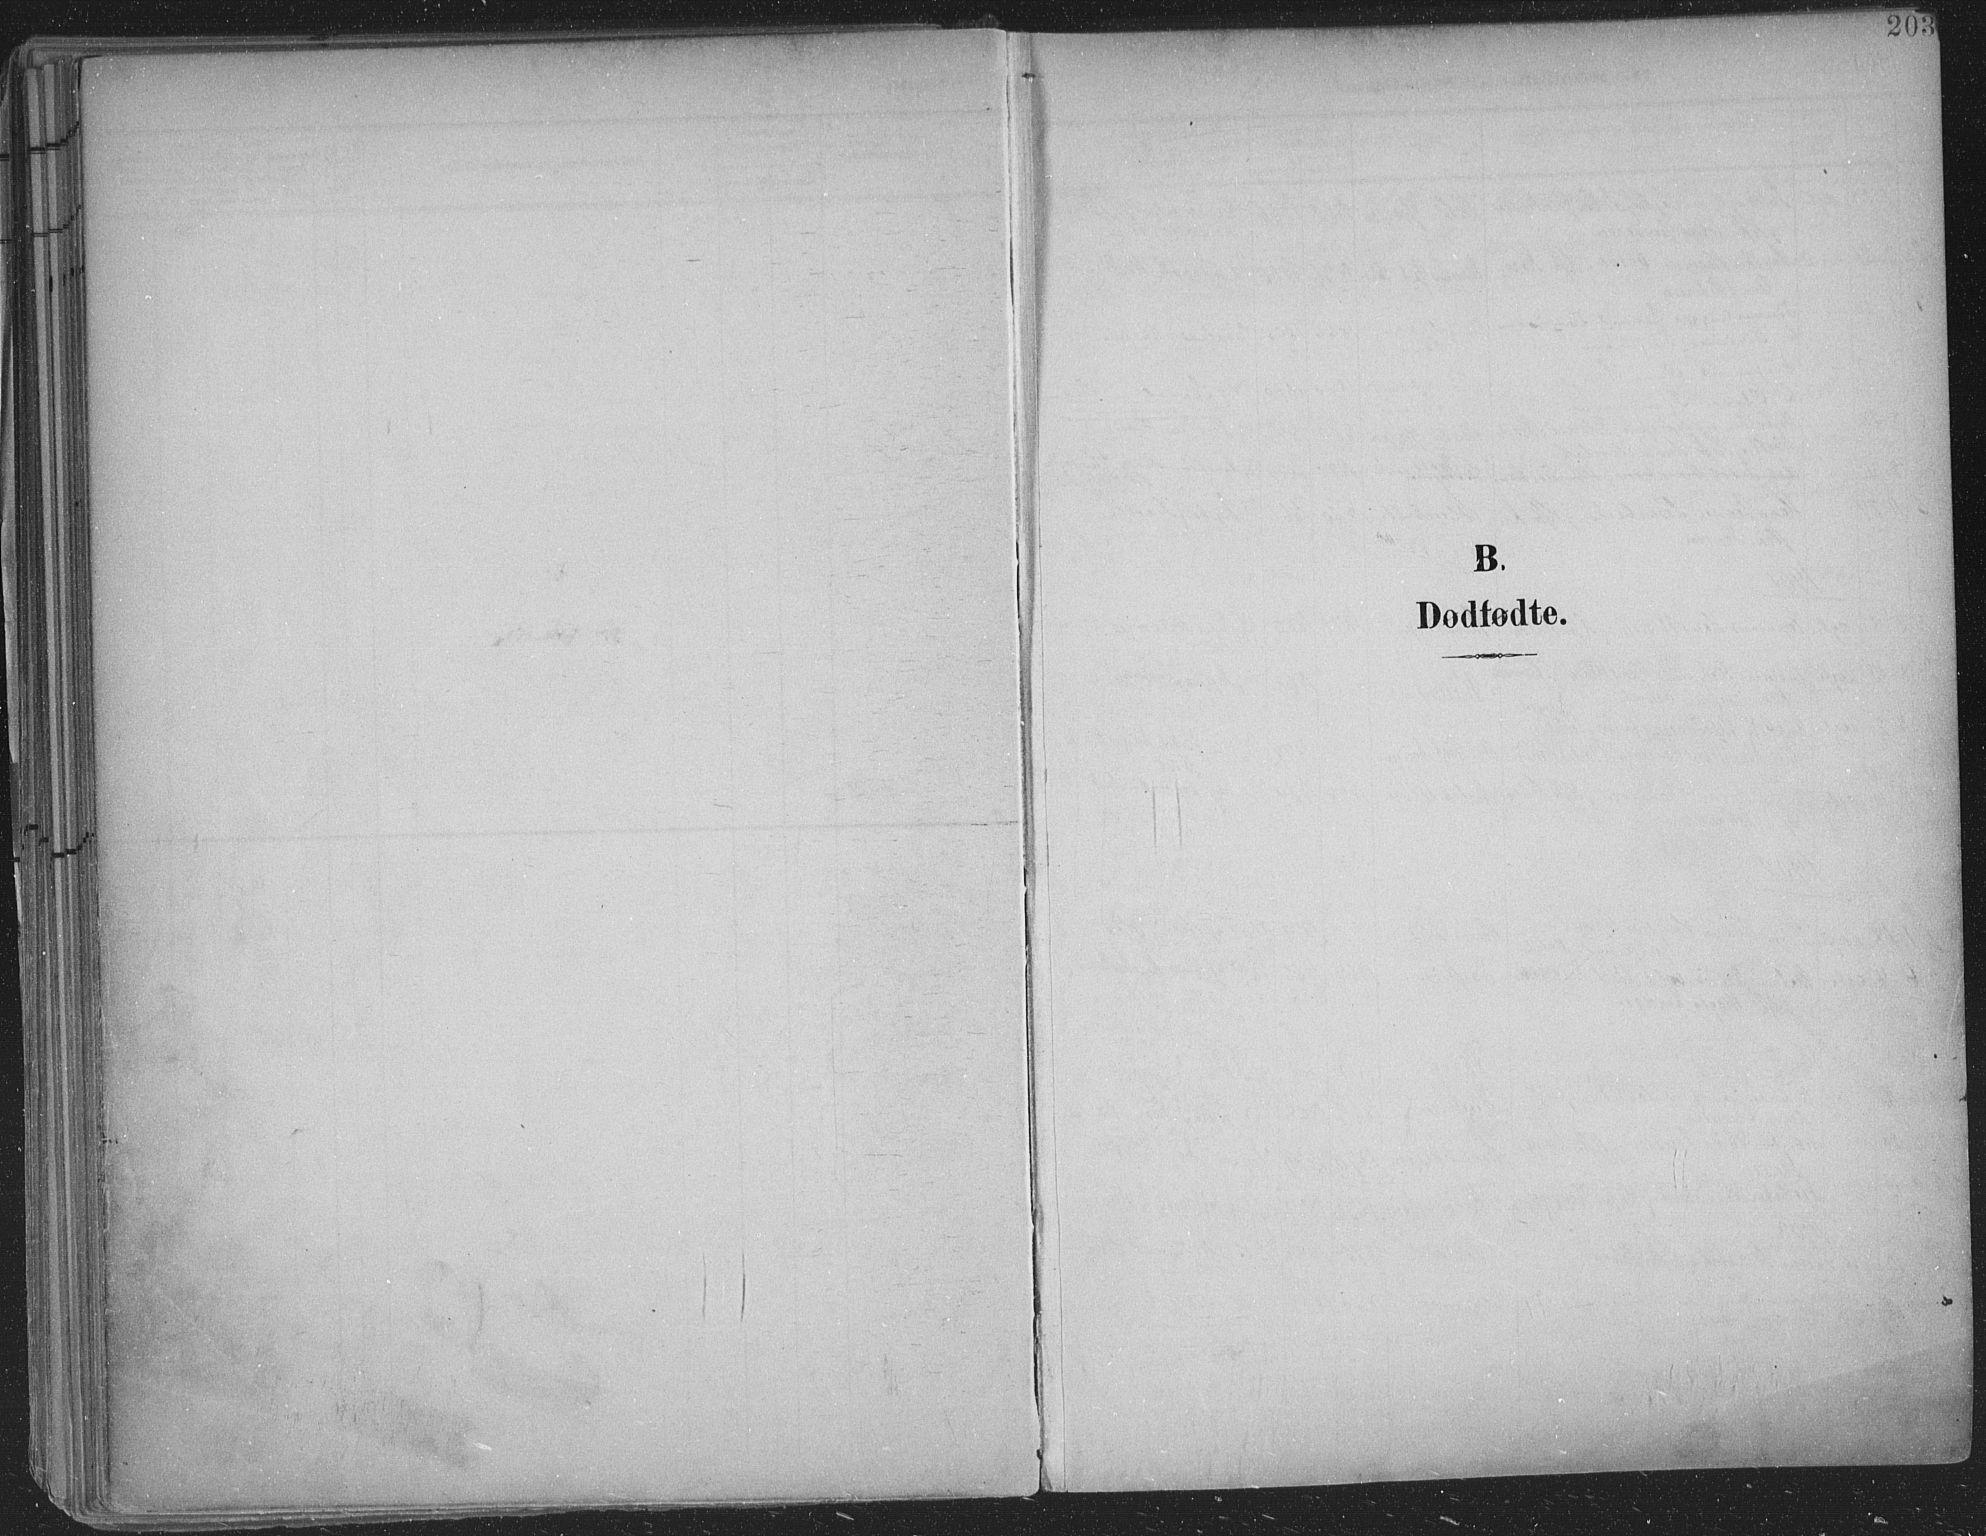 SAKO, Skien kirkebøker, F/Fa/L0011: Ministerialbok nr. 11, 1900-1907, s. 203